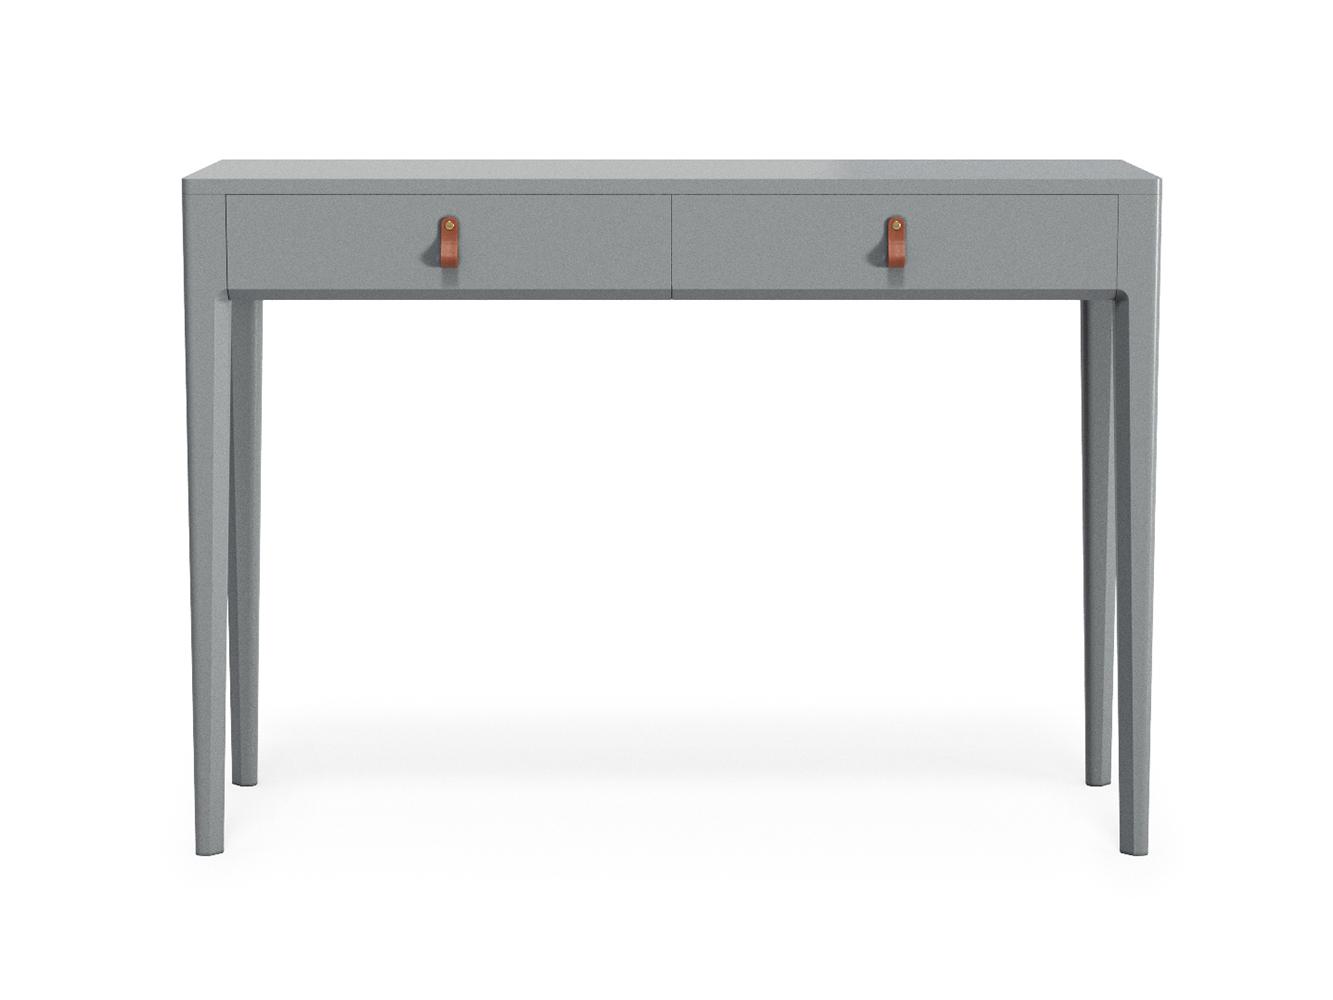 Консольный стол CASEКонсоли с ящиками<br>Универсальный консольный или косметический столик. Небольшая глубина позволяет использовать стол в узком коридоре или комнате.&amp;lt;div&amp;gt;&amp;lt;br&amp;gt;&amp;lt;/div&amp;gt;&amp;lt;div&amp;gt;&amp;lt;div&amp;gt;Материал: Массив дуба, Натуральный шпон дуба, МДФ, Эмаль, ДСП&amp;lt;/div&amp;gt;&amp;lt;/div&amp;gt;&amp;lt;div&amp;gt;&amp;lt;br&amp;gt;&amp;lt;/div&amp;gt;<br><br>Material: Дерево<br>Ширина см: 120<br>Высота см: 80<br>Глубина см: 40